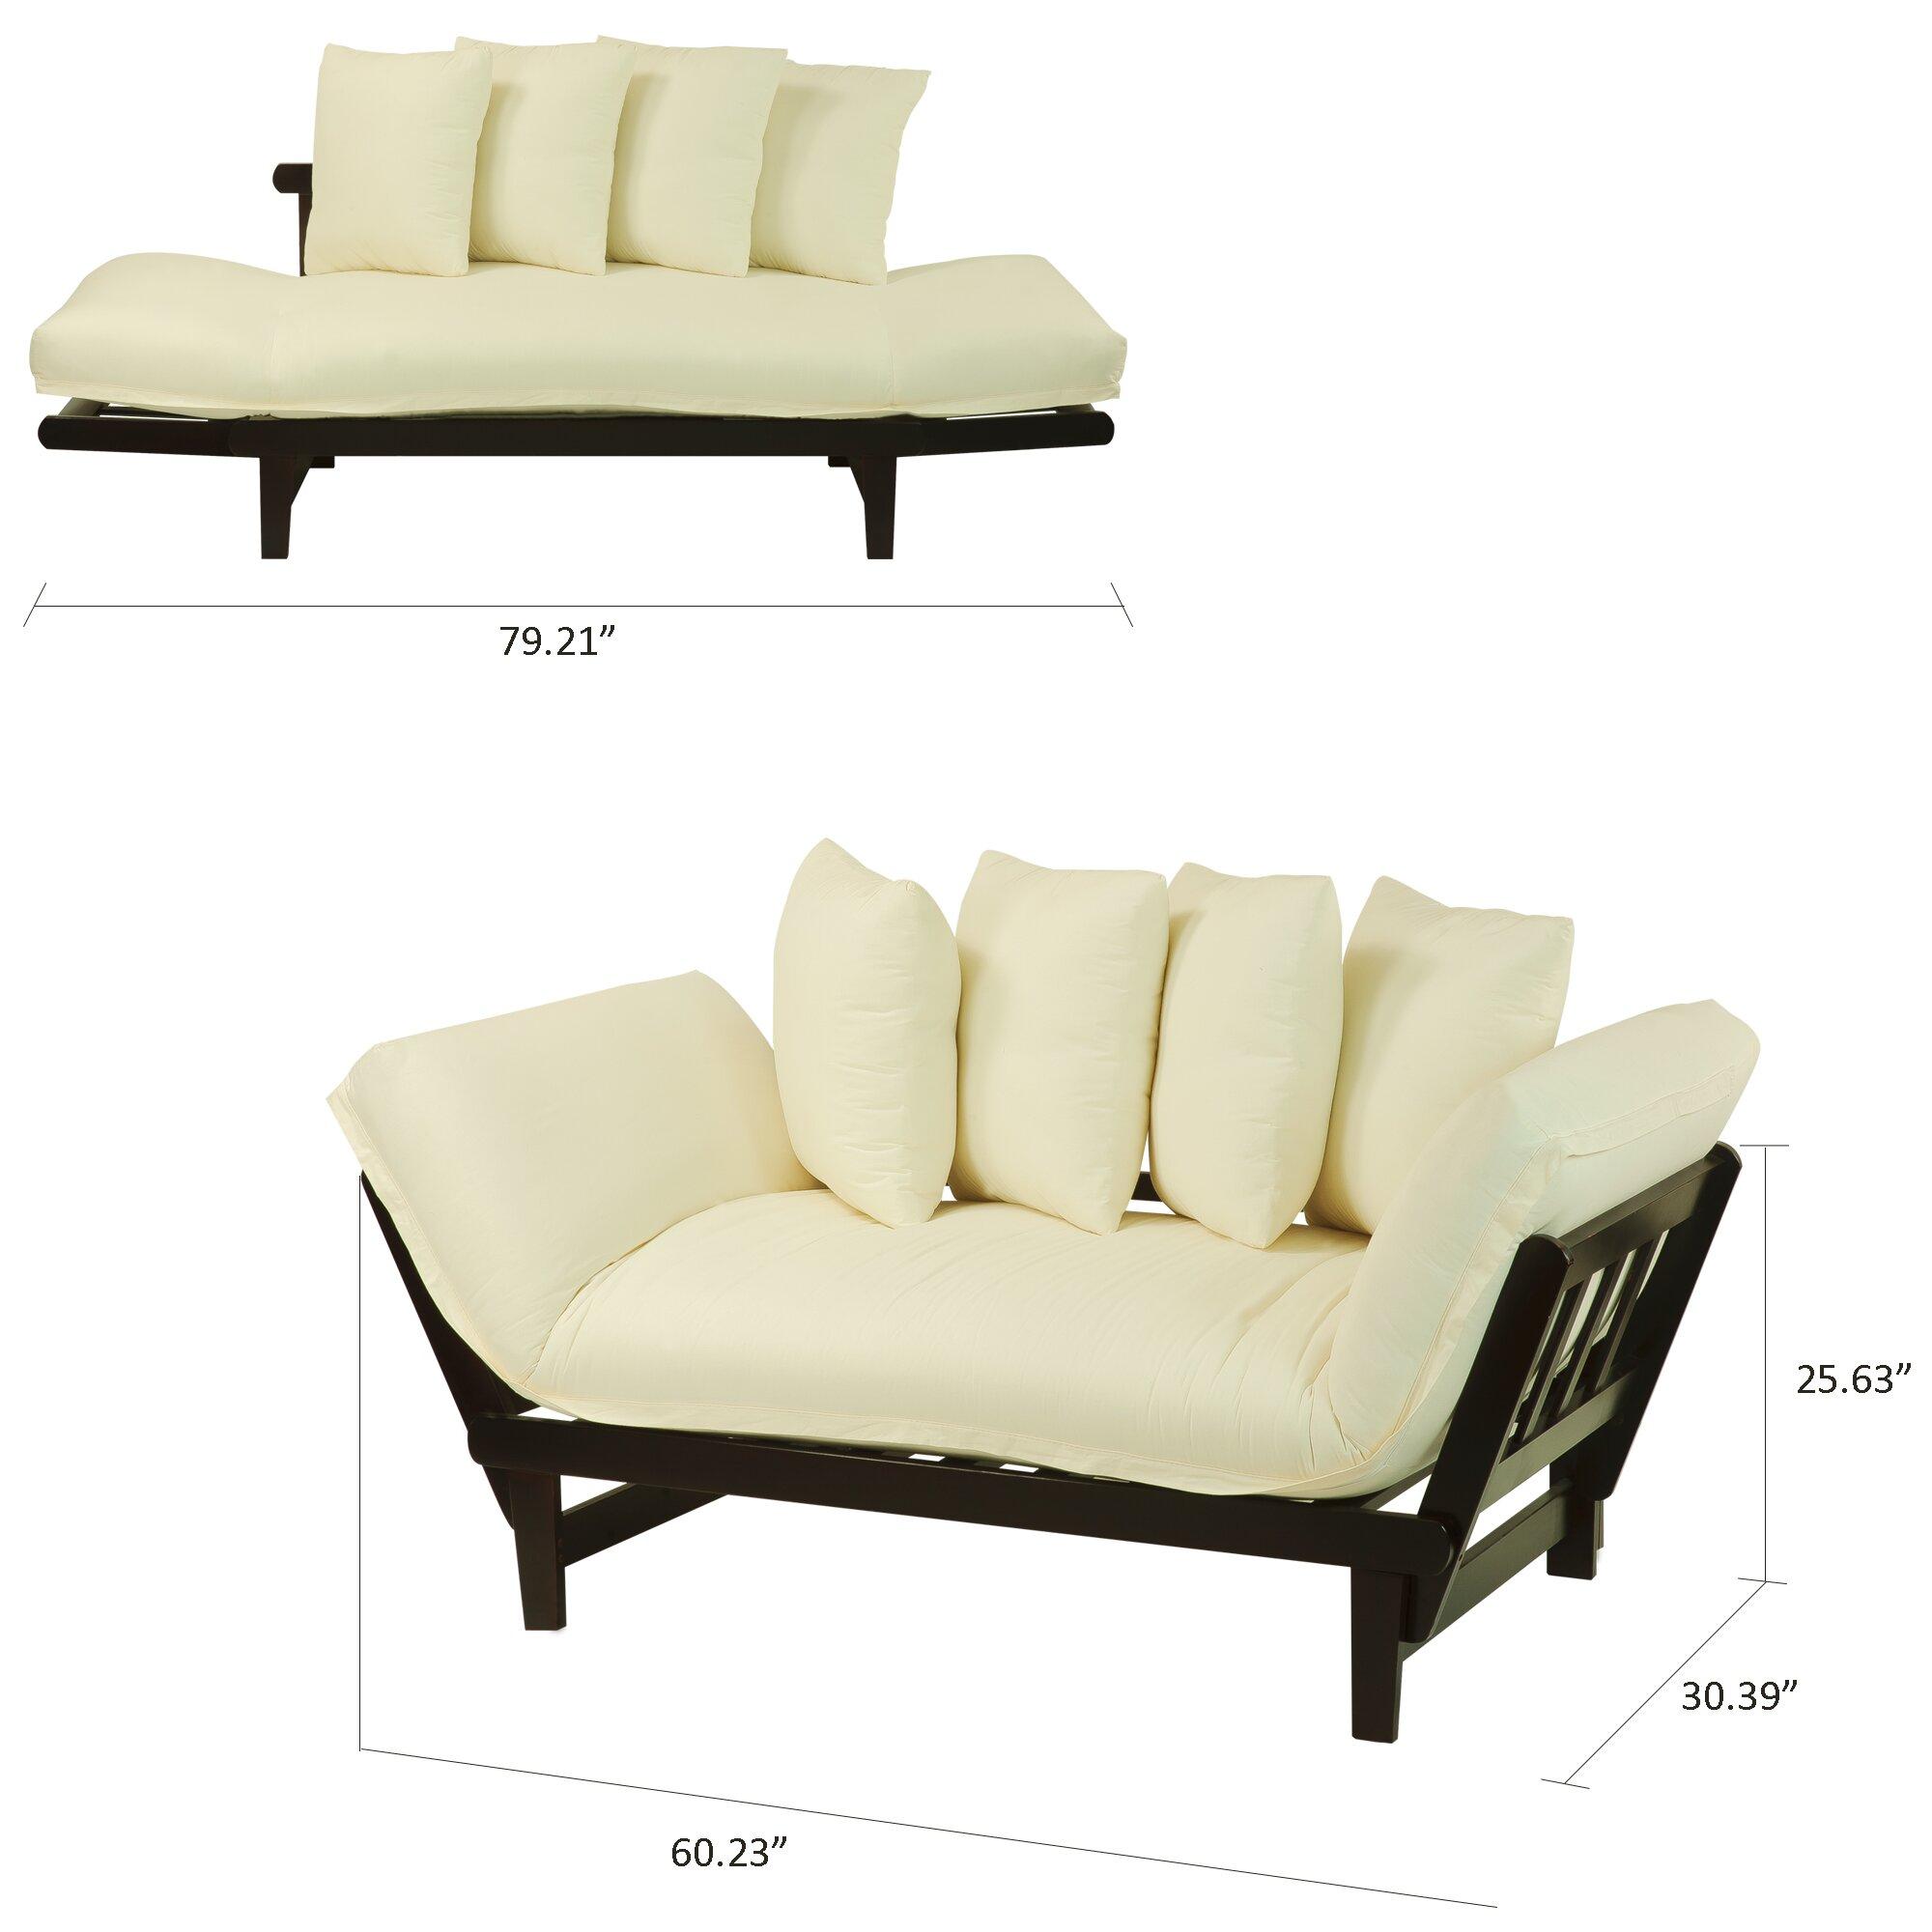 futon raleigh nc roselawnlutheran futon raleigh nc   furniture shop  rh   ekonomikmobilyacarsisi